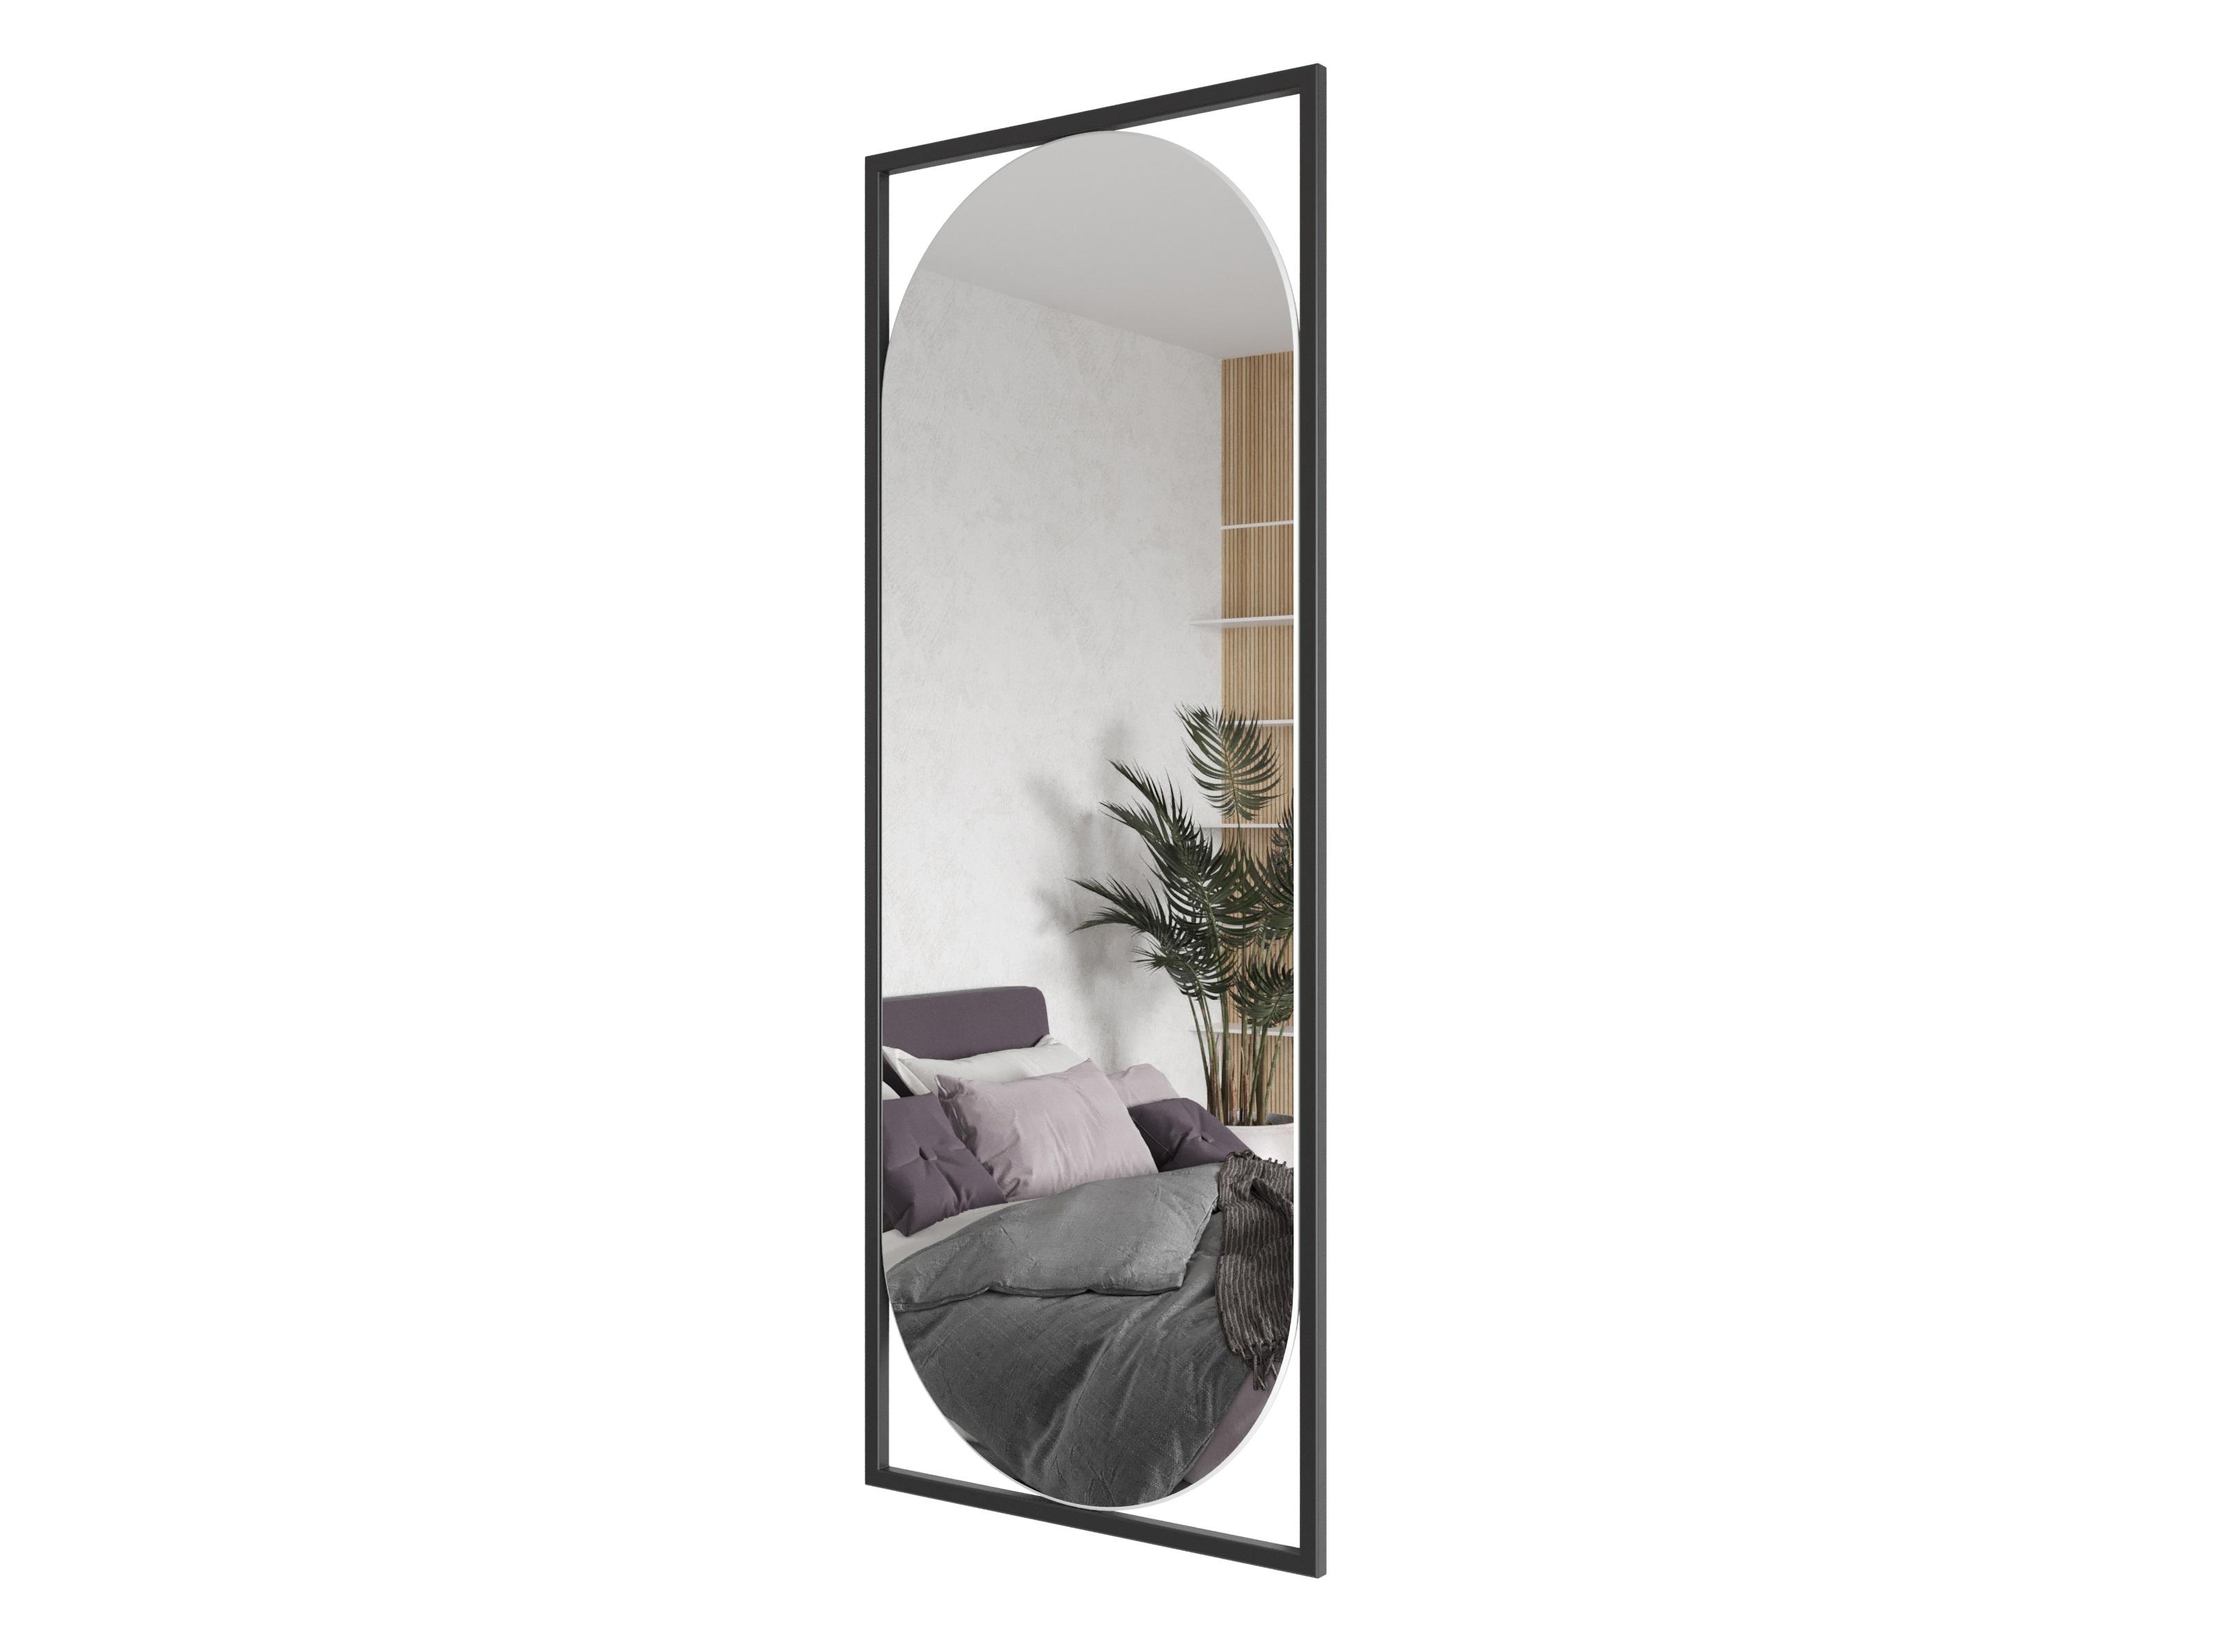 Зеркало kvaden (genglass) черный 54x139x2 см.